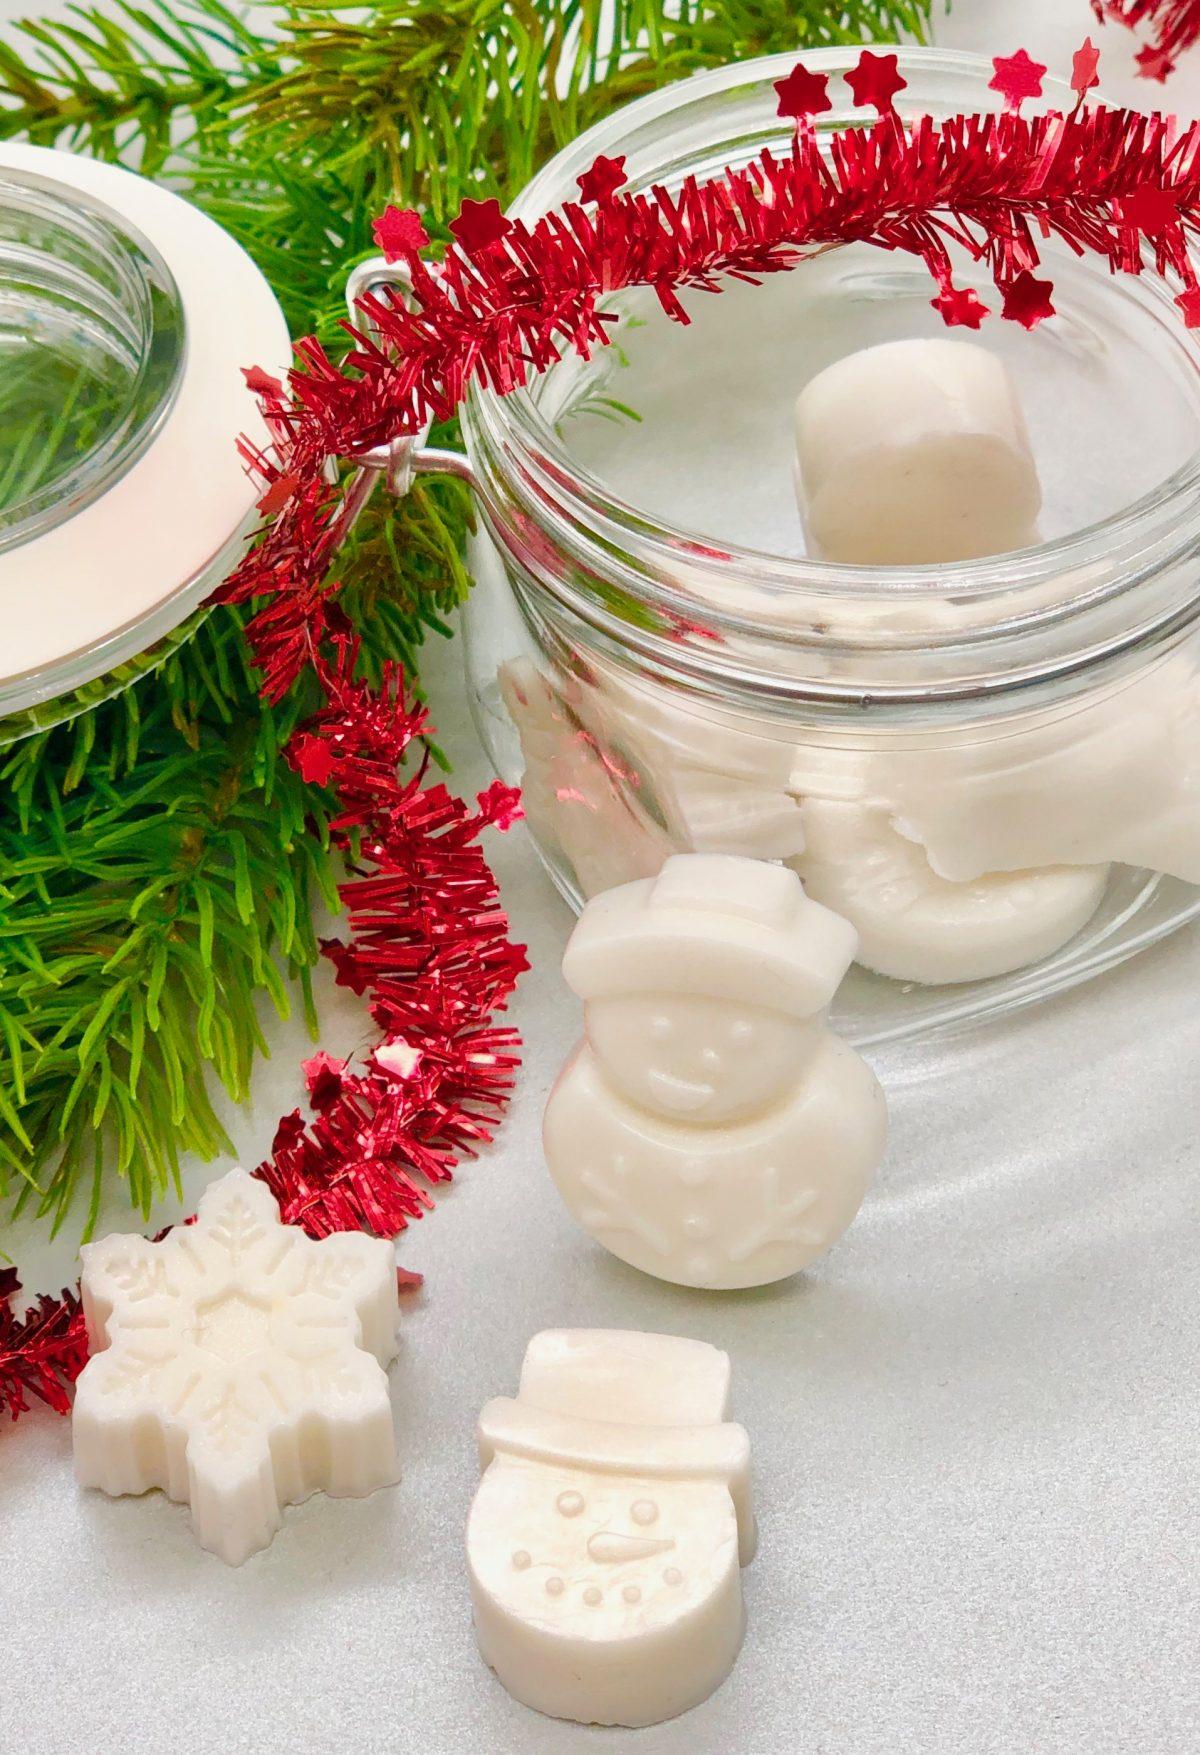 Schöne Geschenkideen Weihnachten.Seife Selber Machen Süße Diy Geschenke Zu Weihnachten